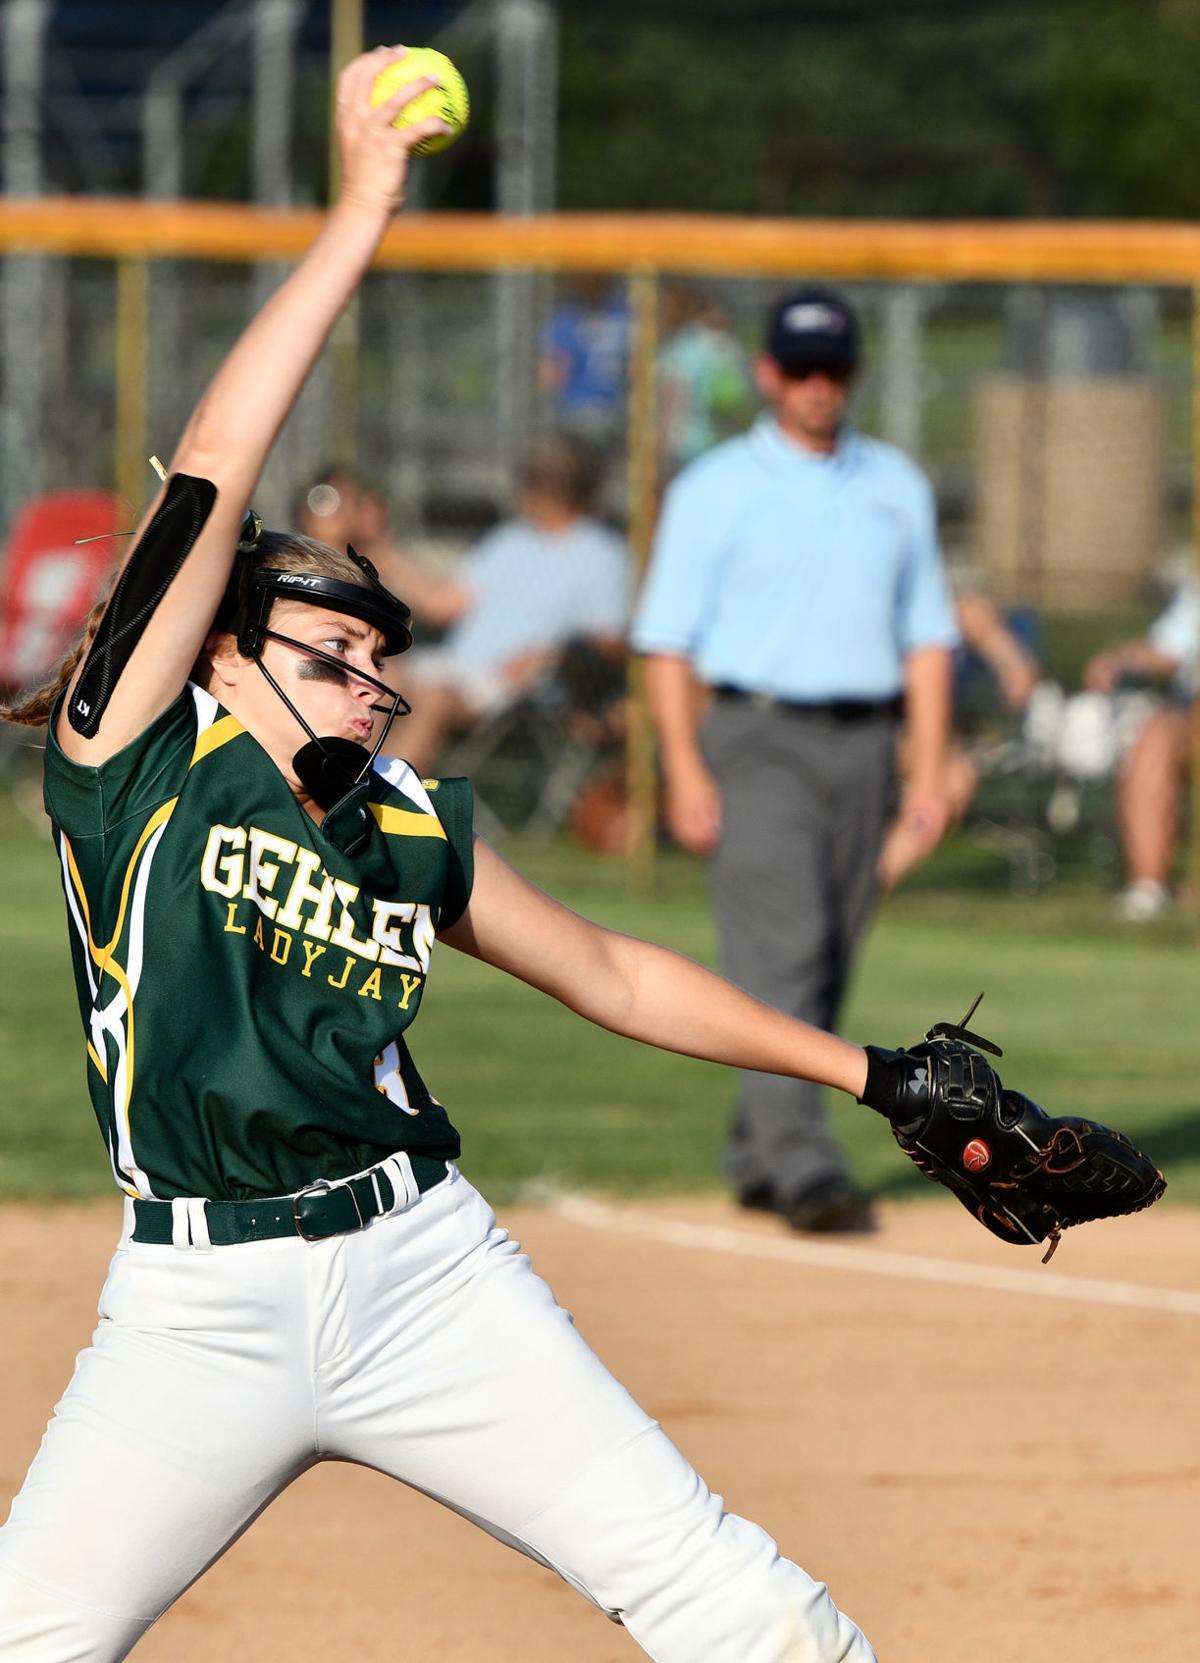 Westwood vs Gehlen Catholic regional softball